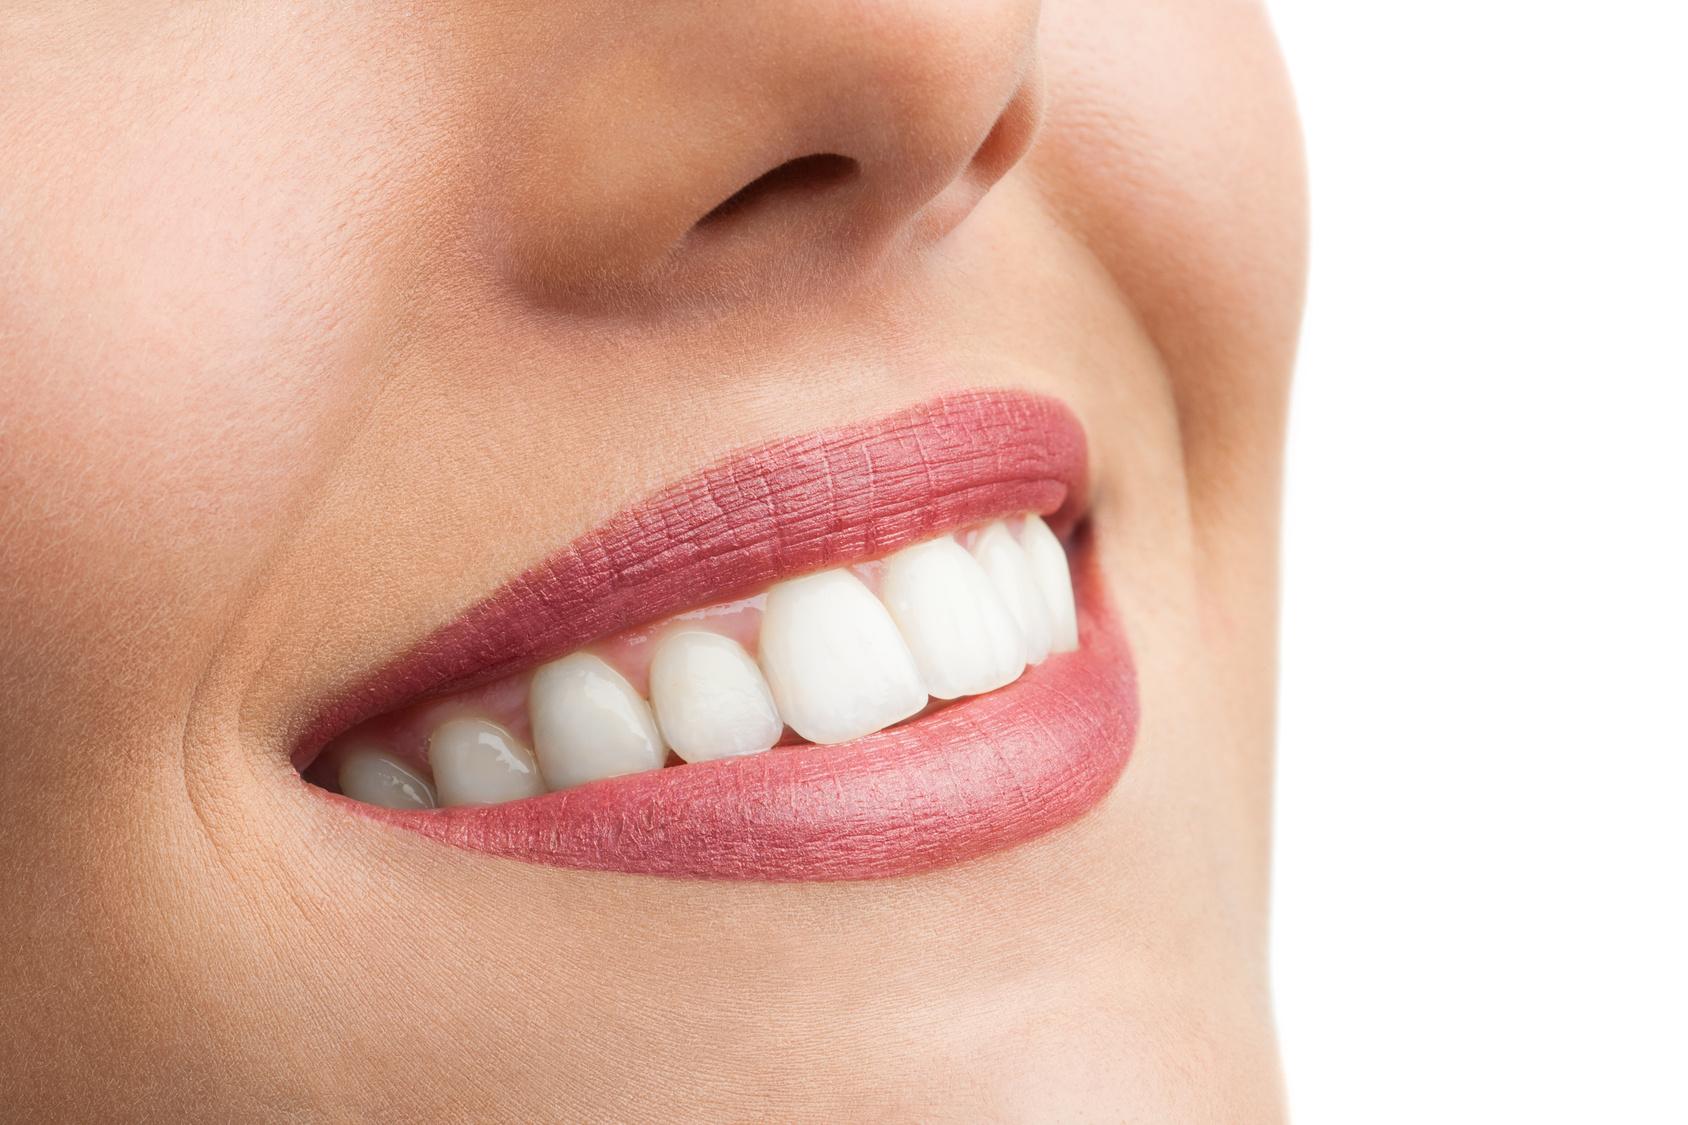 mese della salute orale